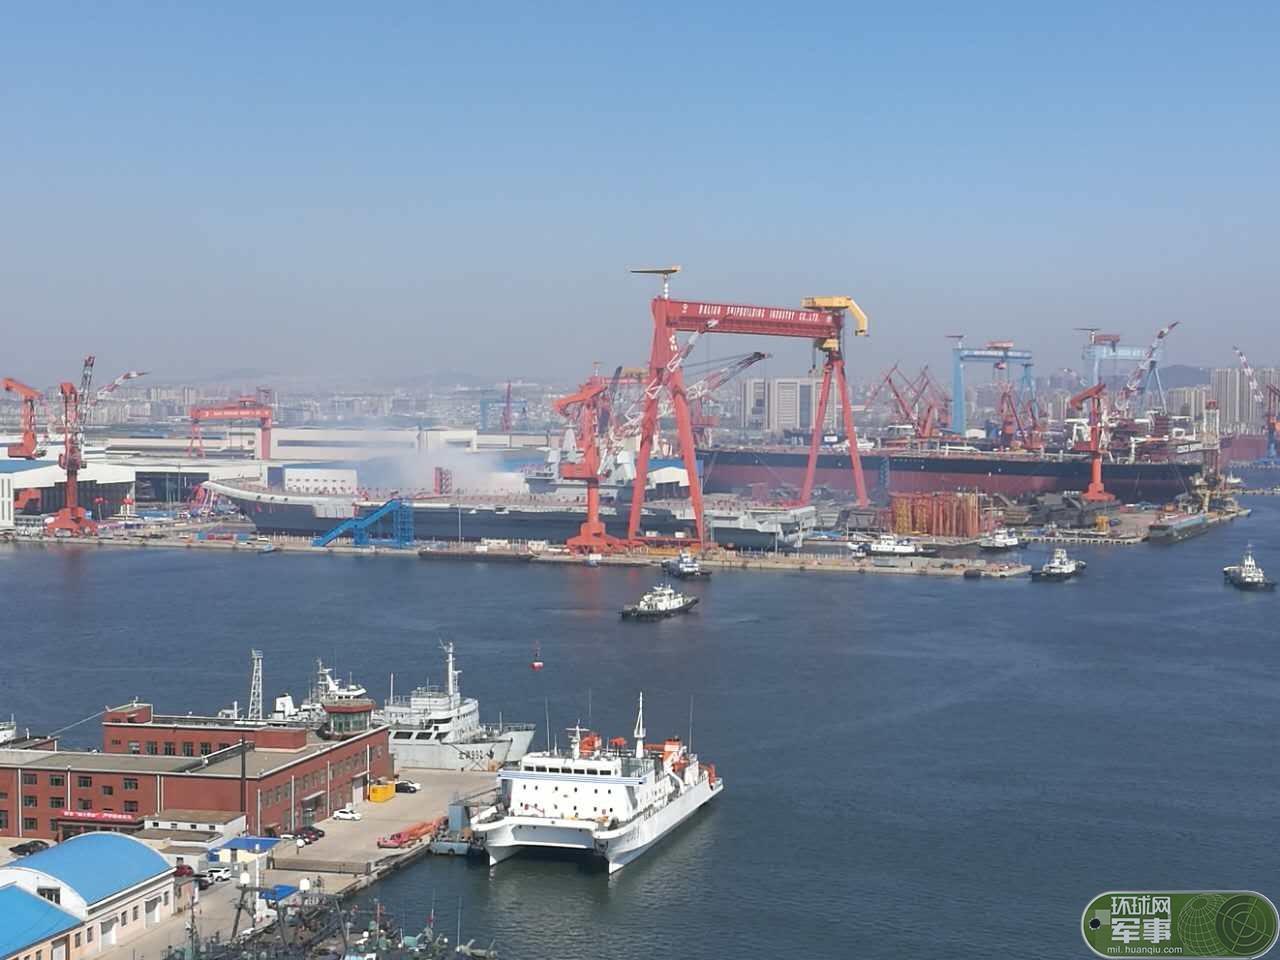 圣皇传奇中国航母下水令日本羡慕嫉妒恨:日本80年前造了